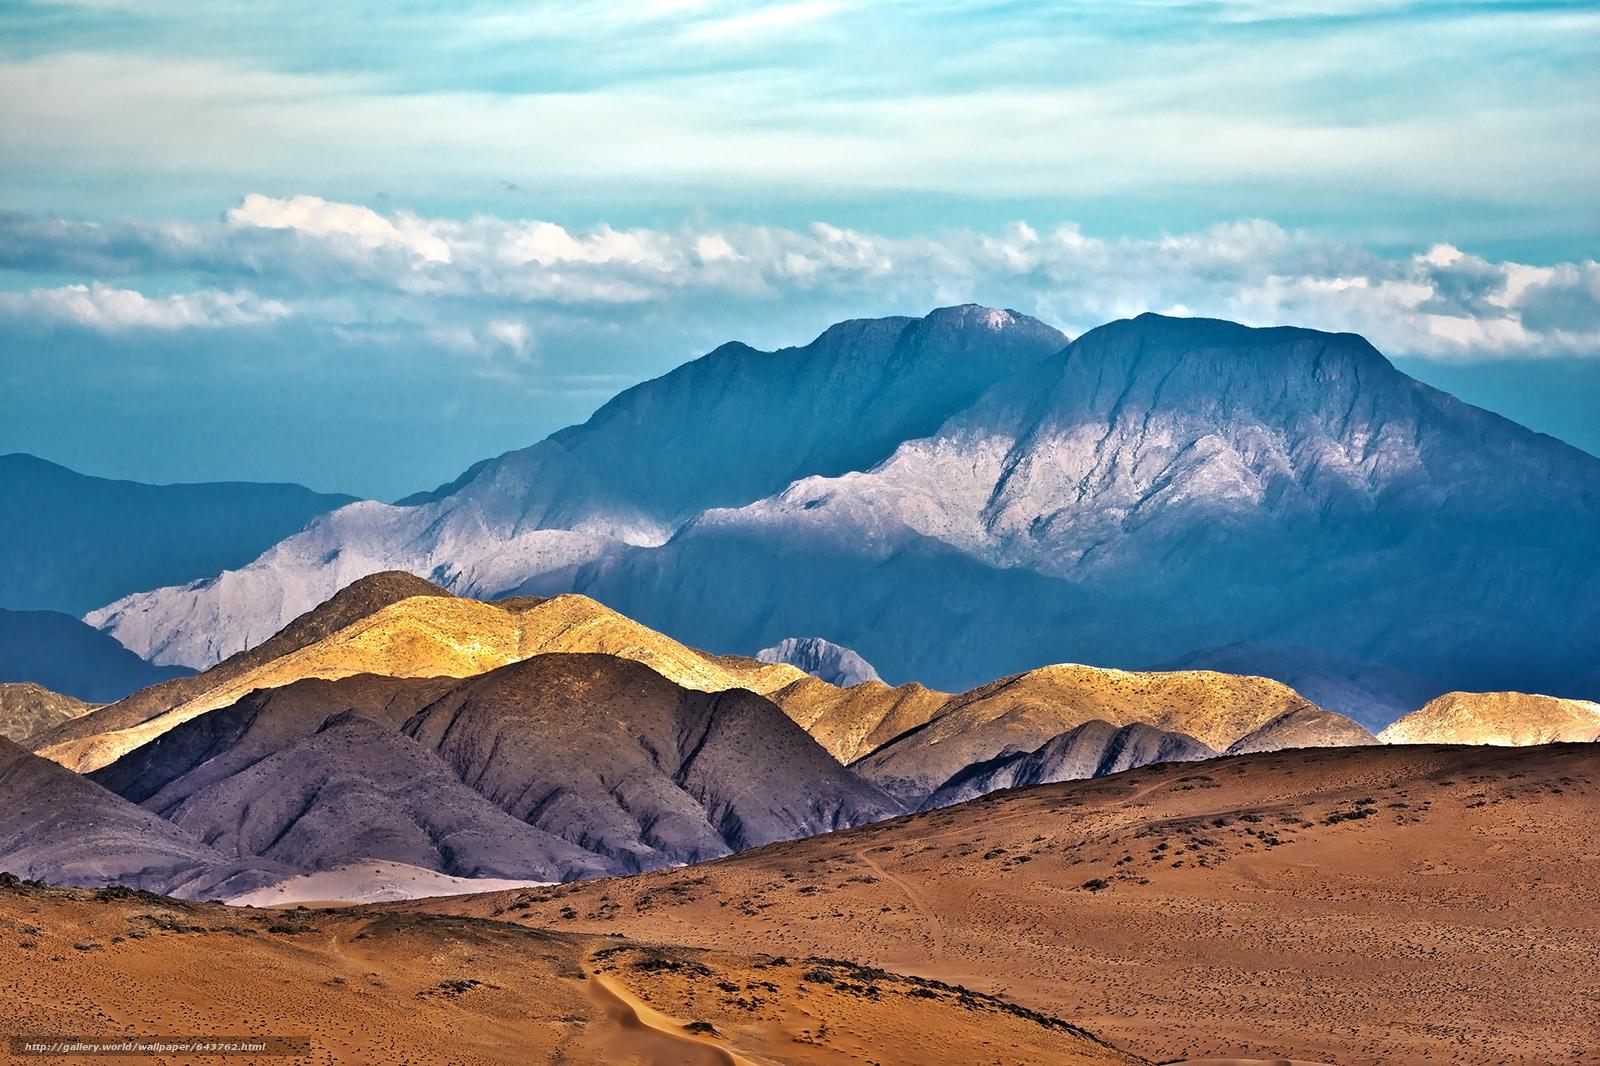 Скачать обои Горы,  Кунене,  Африка,  Намибия бесплатно для рабочего стола в разрешении 2000x1333 — картинка №643762